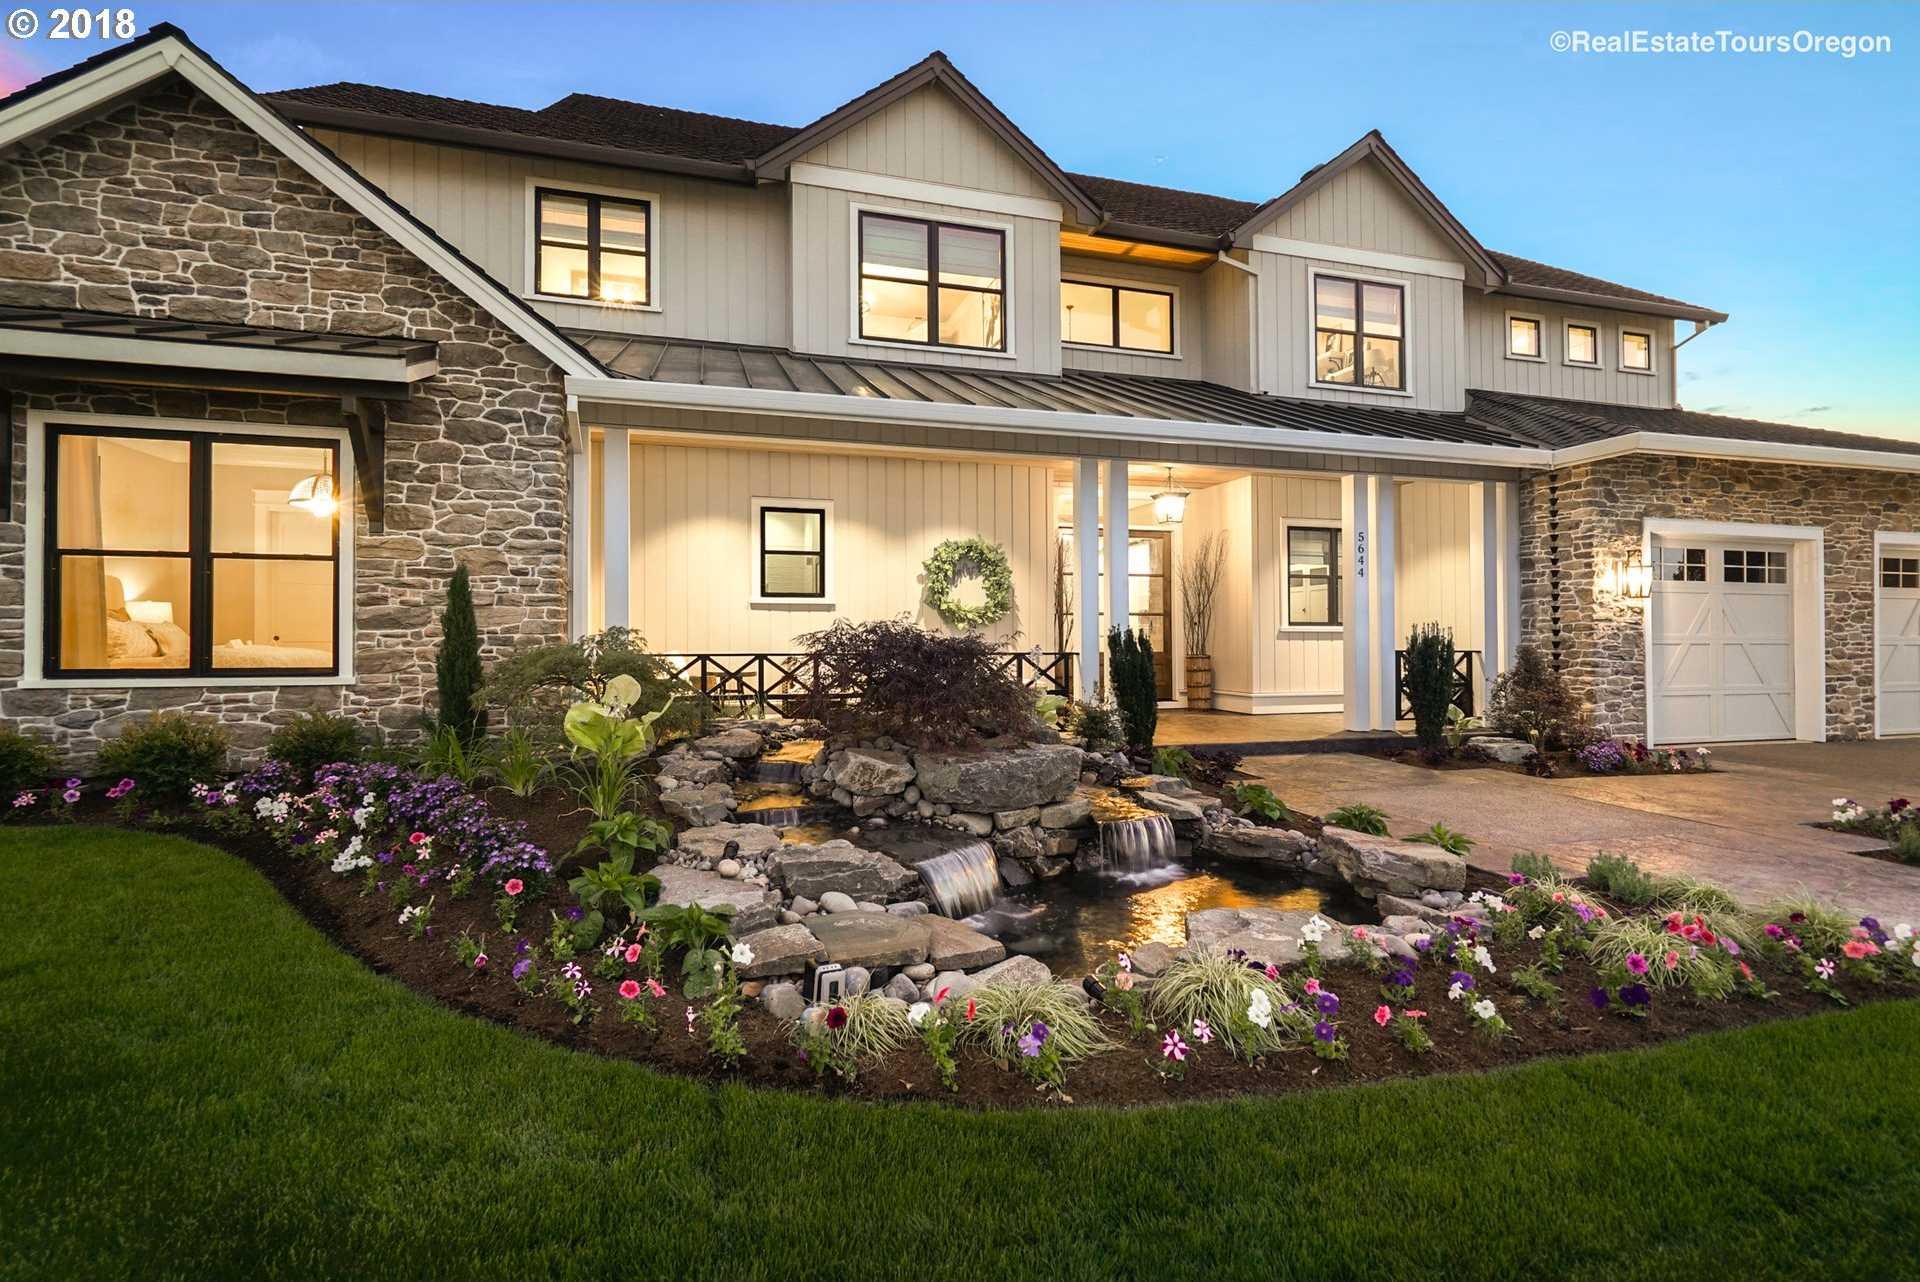 $1,999,999 - 4Br/4Ba -  for Sale in The Vendage, Hillsboro